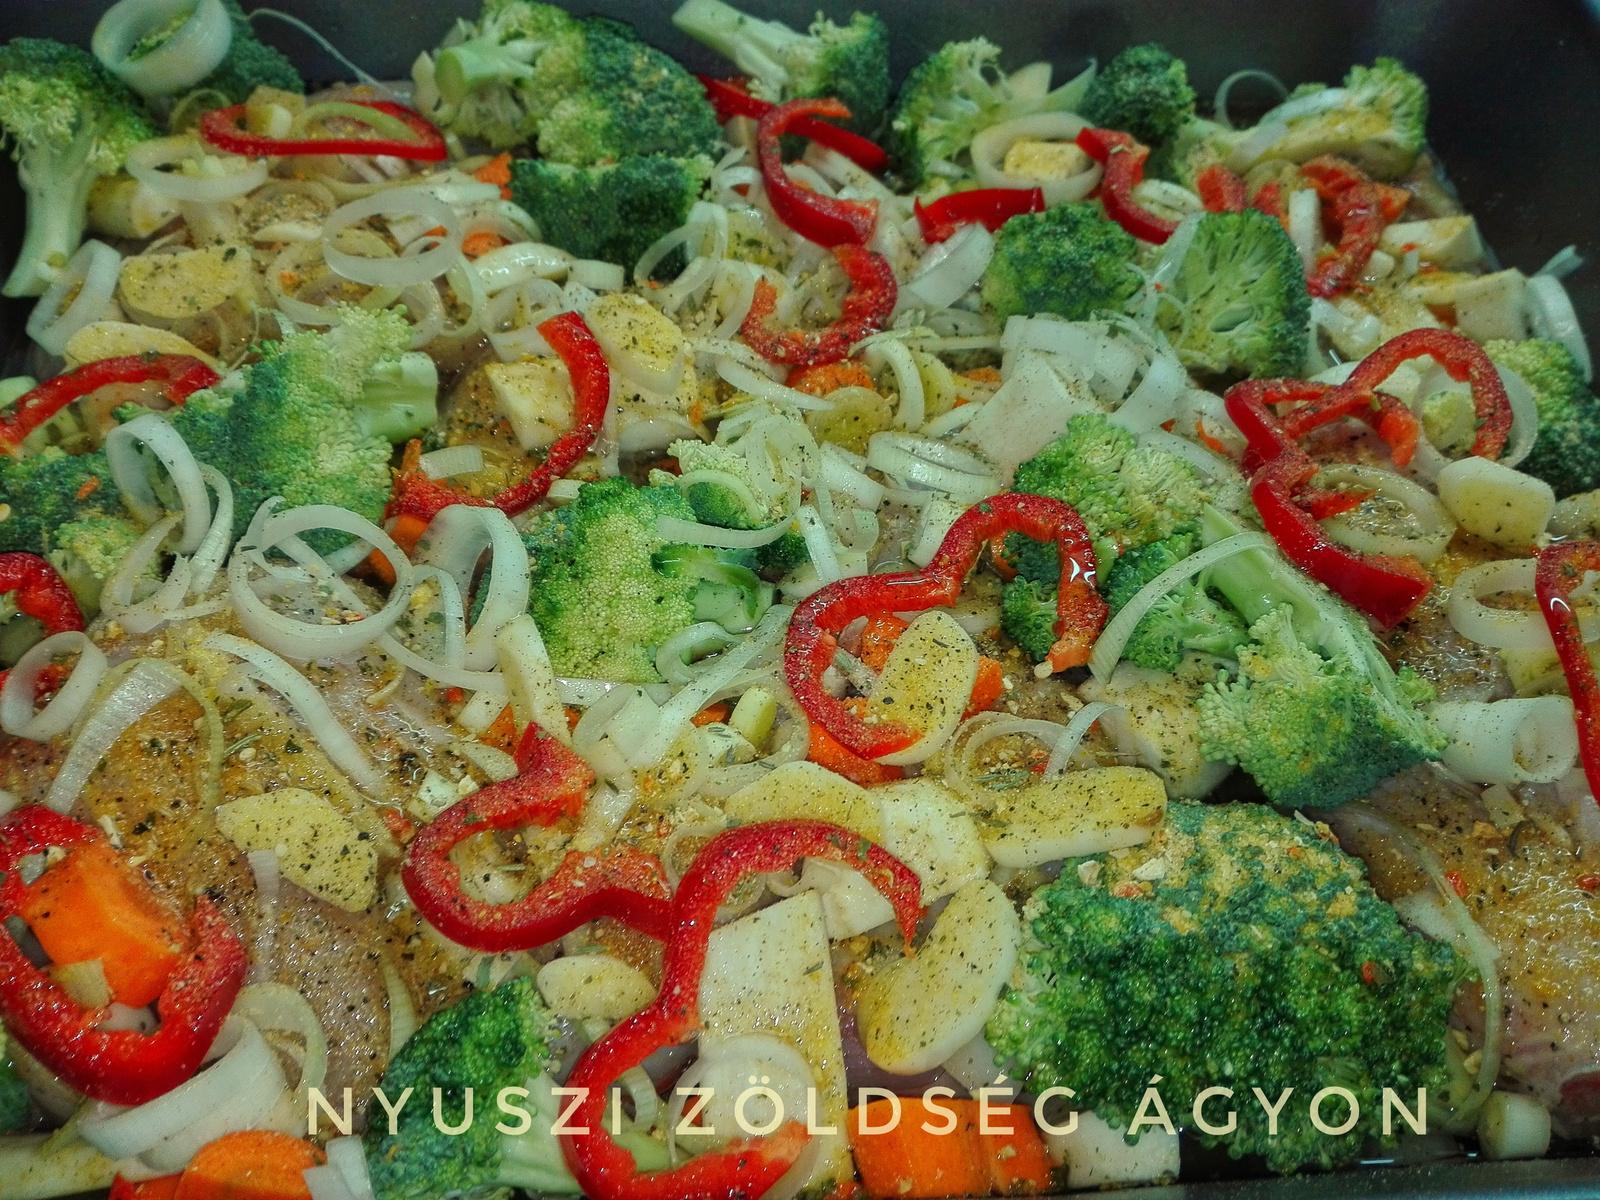 nyuszi zöldségágyon